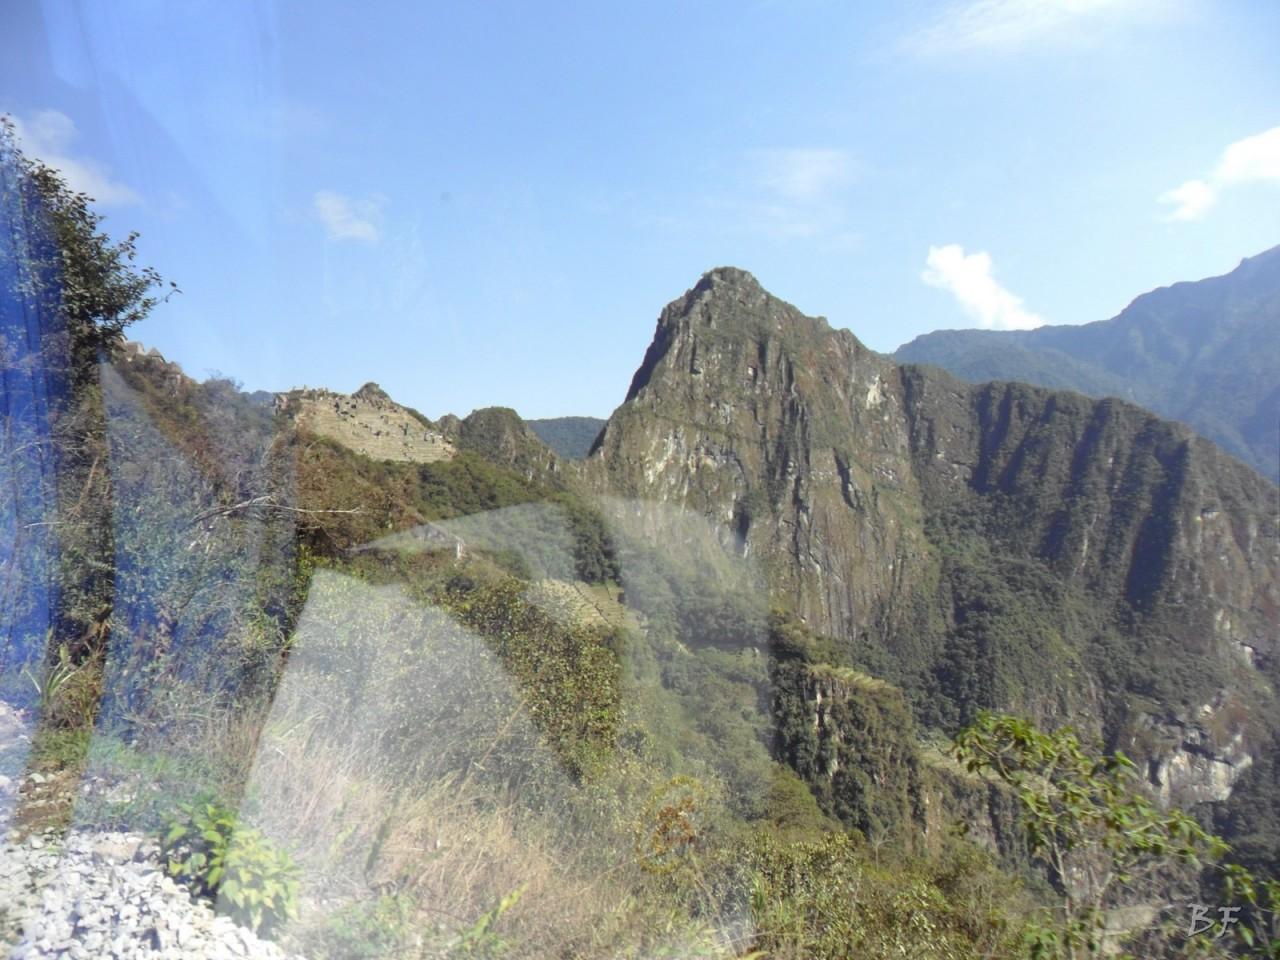 Mura-Poligonali-Incisioni-Altari-Edifici-Rupestri-Megaliti-Machu-Picchu-Aguas-Calientes-Urubamba-Cusco-Perù-3